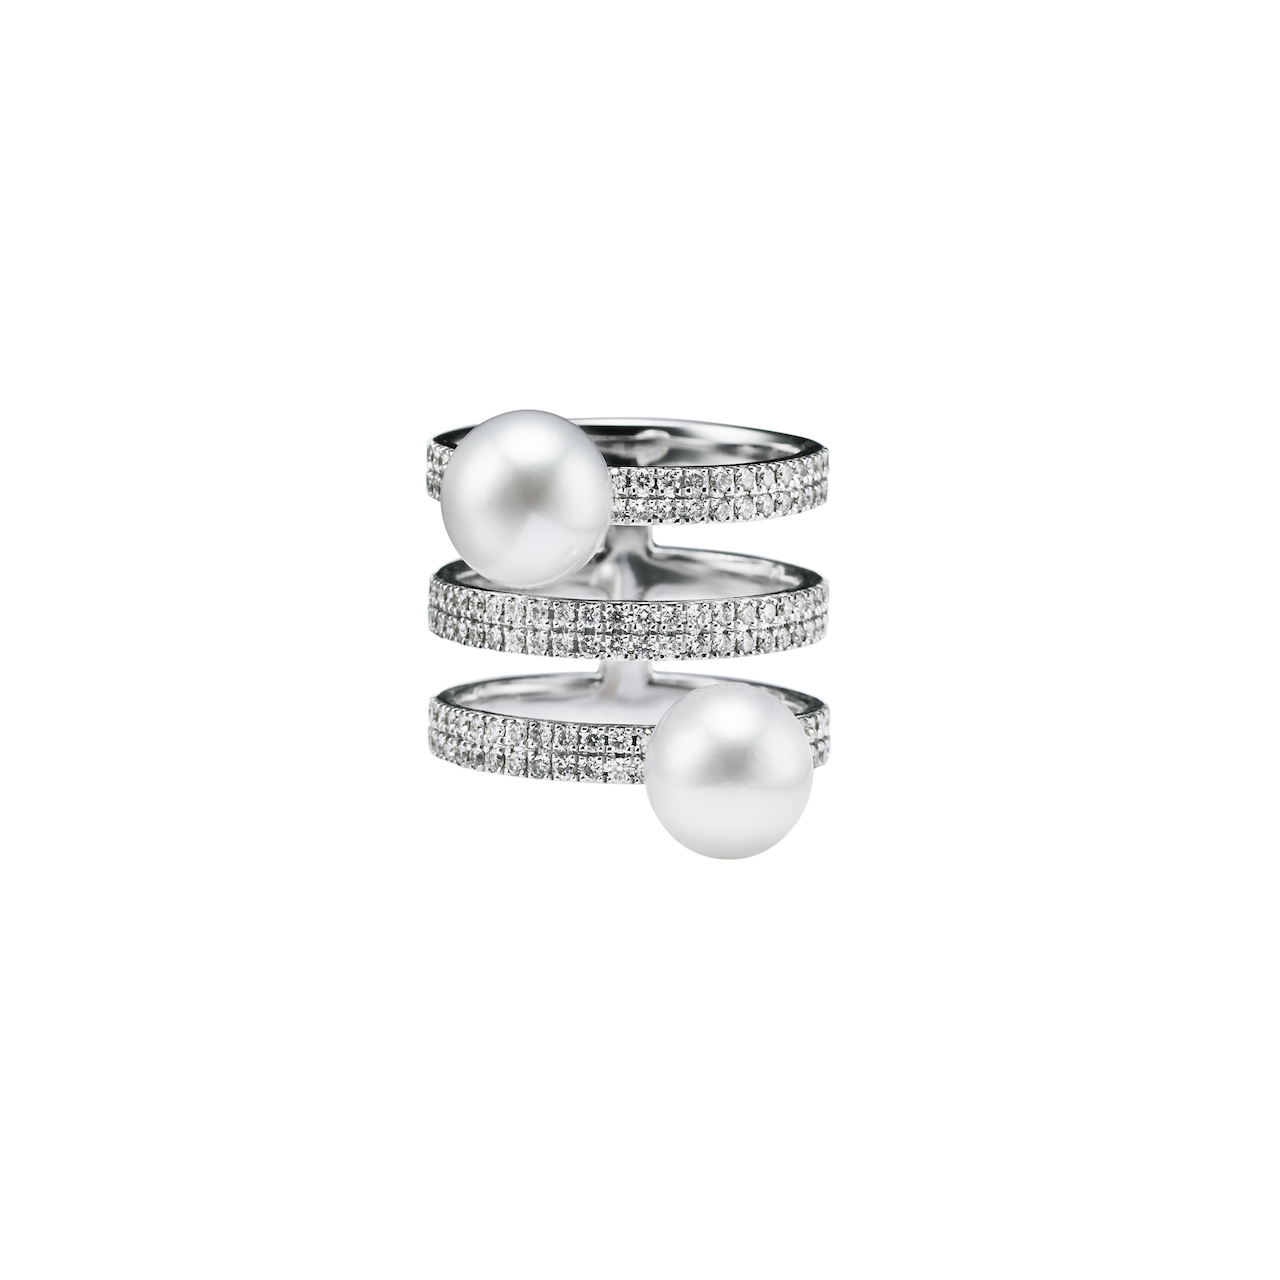 jg <equilibrium> リング K18/ダイヤモンド/あこやパール(動画での紹介商品 2020/8/31までのご注文10%OFF)